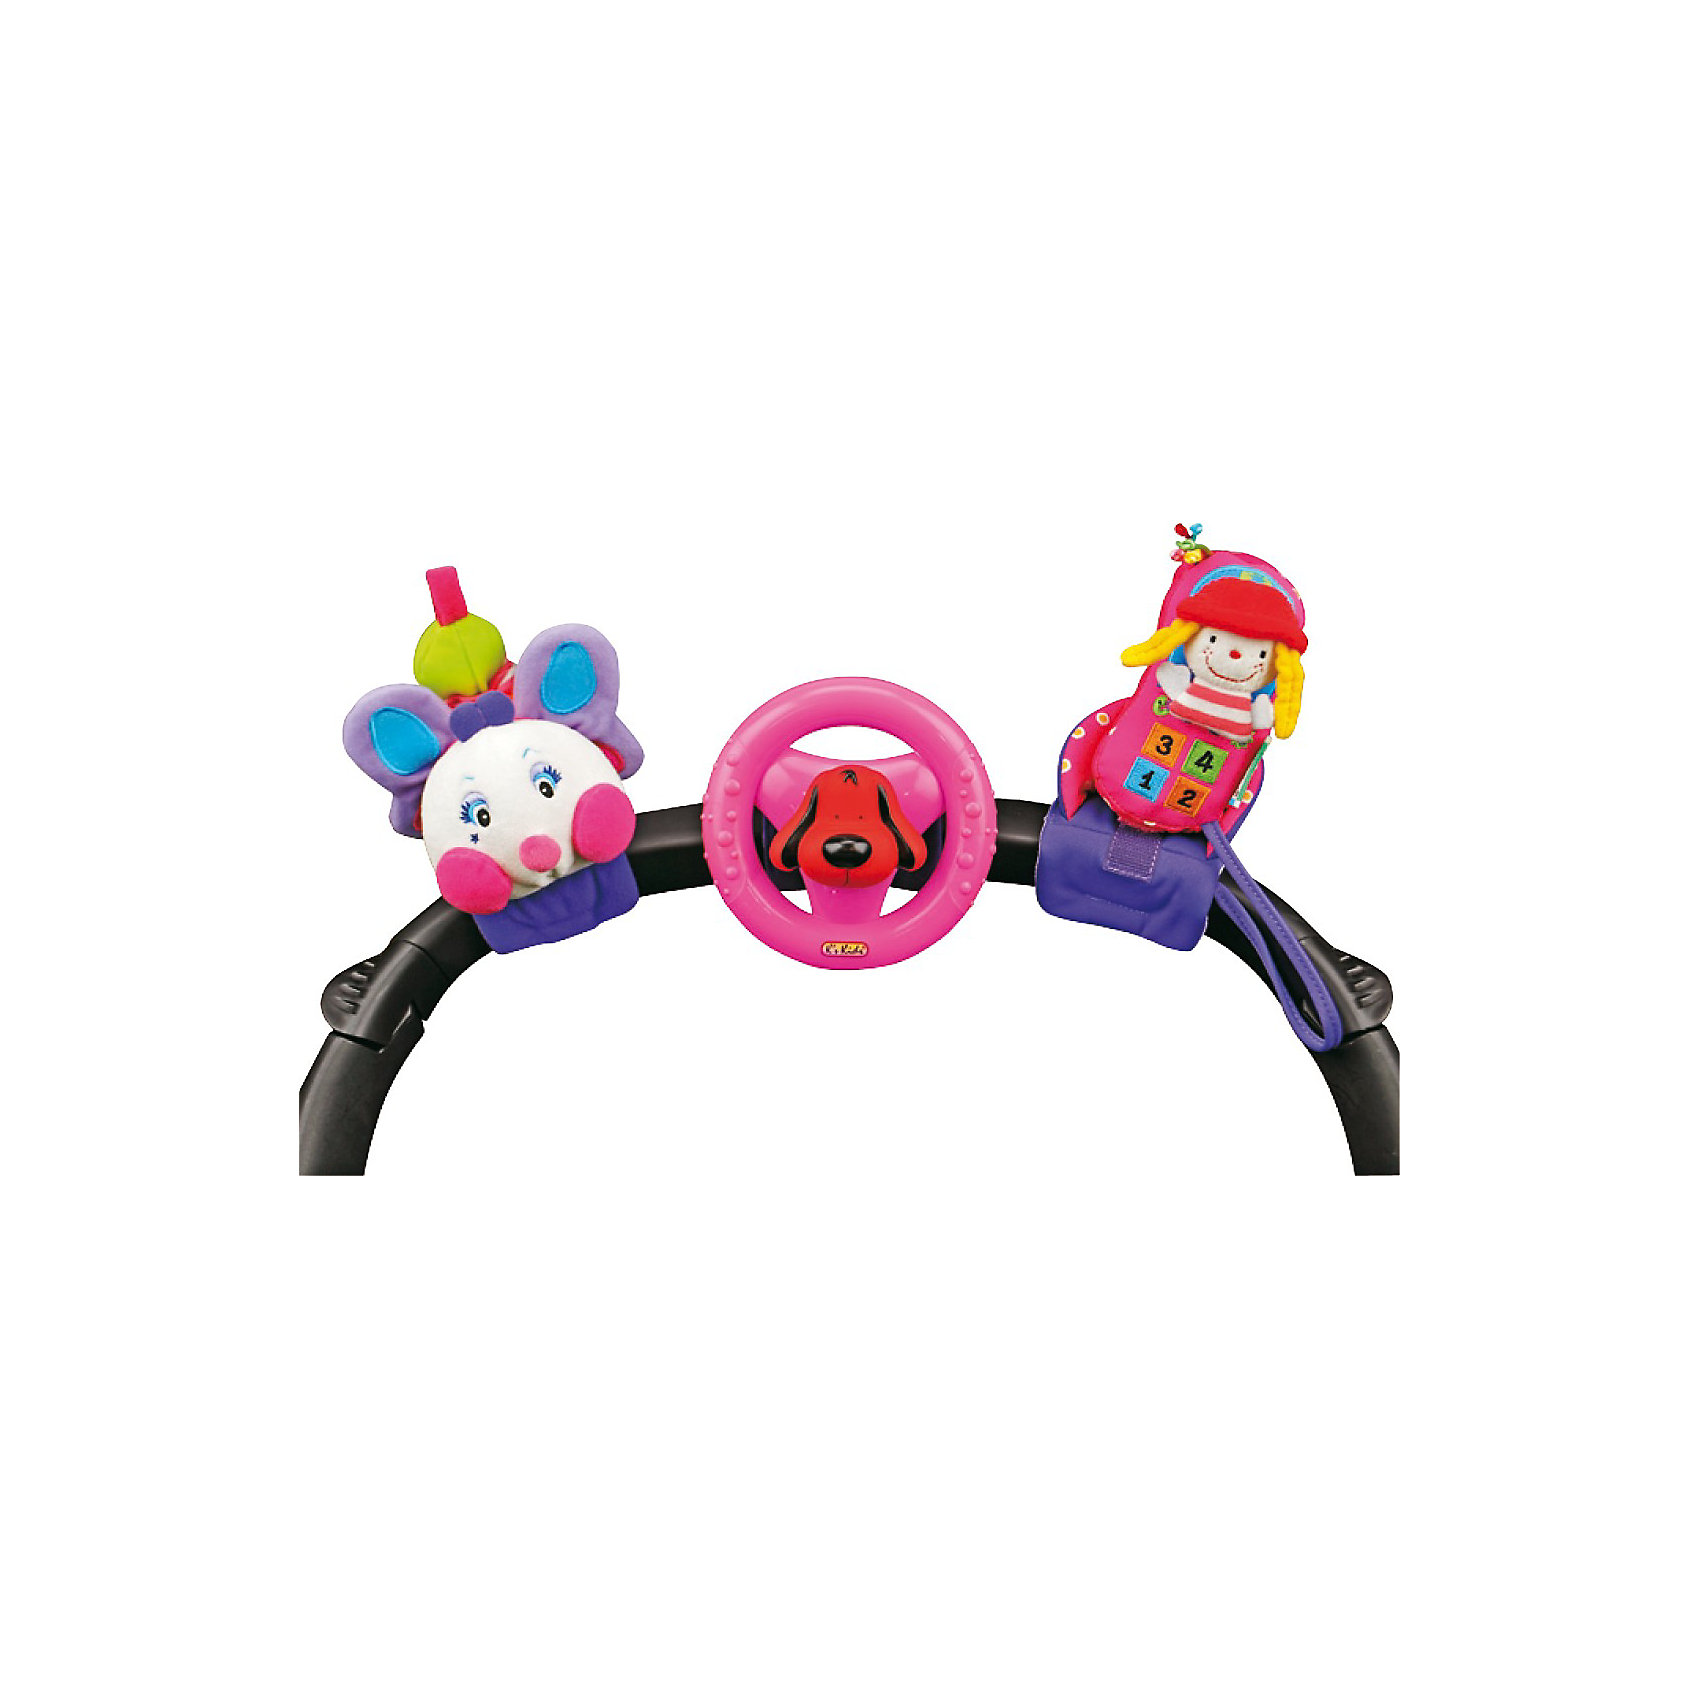 Гусеница, руль и мобильный телефон на крепленииГусеница, руль и мобильный телефон на креплении - замечательный набор игрушек для малышей в возрасте от шести месяцев. Яркий и красочный, он наверняка понравится Вашему малышу!<br><br>Набор состоит из трех развивающих игрушек: яркая вибрирующая гусеница, вращающийся руль с пищалкой и телефон с погремушкой.<br>Яркие и красивые игрушки, входящие в данный набор, привлекают внимание малыша, учат распознавать цвета и звуки, способствуют развитию мелкой моторики. С помощью мягких текстильных ремешков на липучках они легко крепятся к коляске, кроватке или автокреслу. Играть игрушками можно по-отдельности.<br>Игрушки изготовлены из высококачественных, нетоксичных материалов, соответствуют самым высоким требованиям и абсолютно безопасны для здоровья малышей. <br><br>Дополнительная информация:<br><br>- В комплект входят: 3 игрушки.<br>- Крепятся к коляске, кроватке и др. с помощью текстильных ремешков на липучках.<br>- Материал: текстиль.<br><br>Ширина мм: 343<br>Глубина мм: 115<br>Высота мм: 145<br>Вес г: 447<br>Возраст от месяцев: 0<br>Возраст до месяцев: 24<br>Пол: Унисекс<br>Возраст: Детский<br>SKU: 2620724